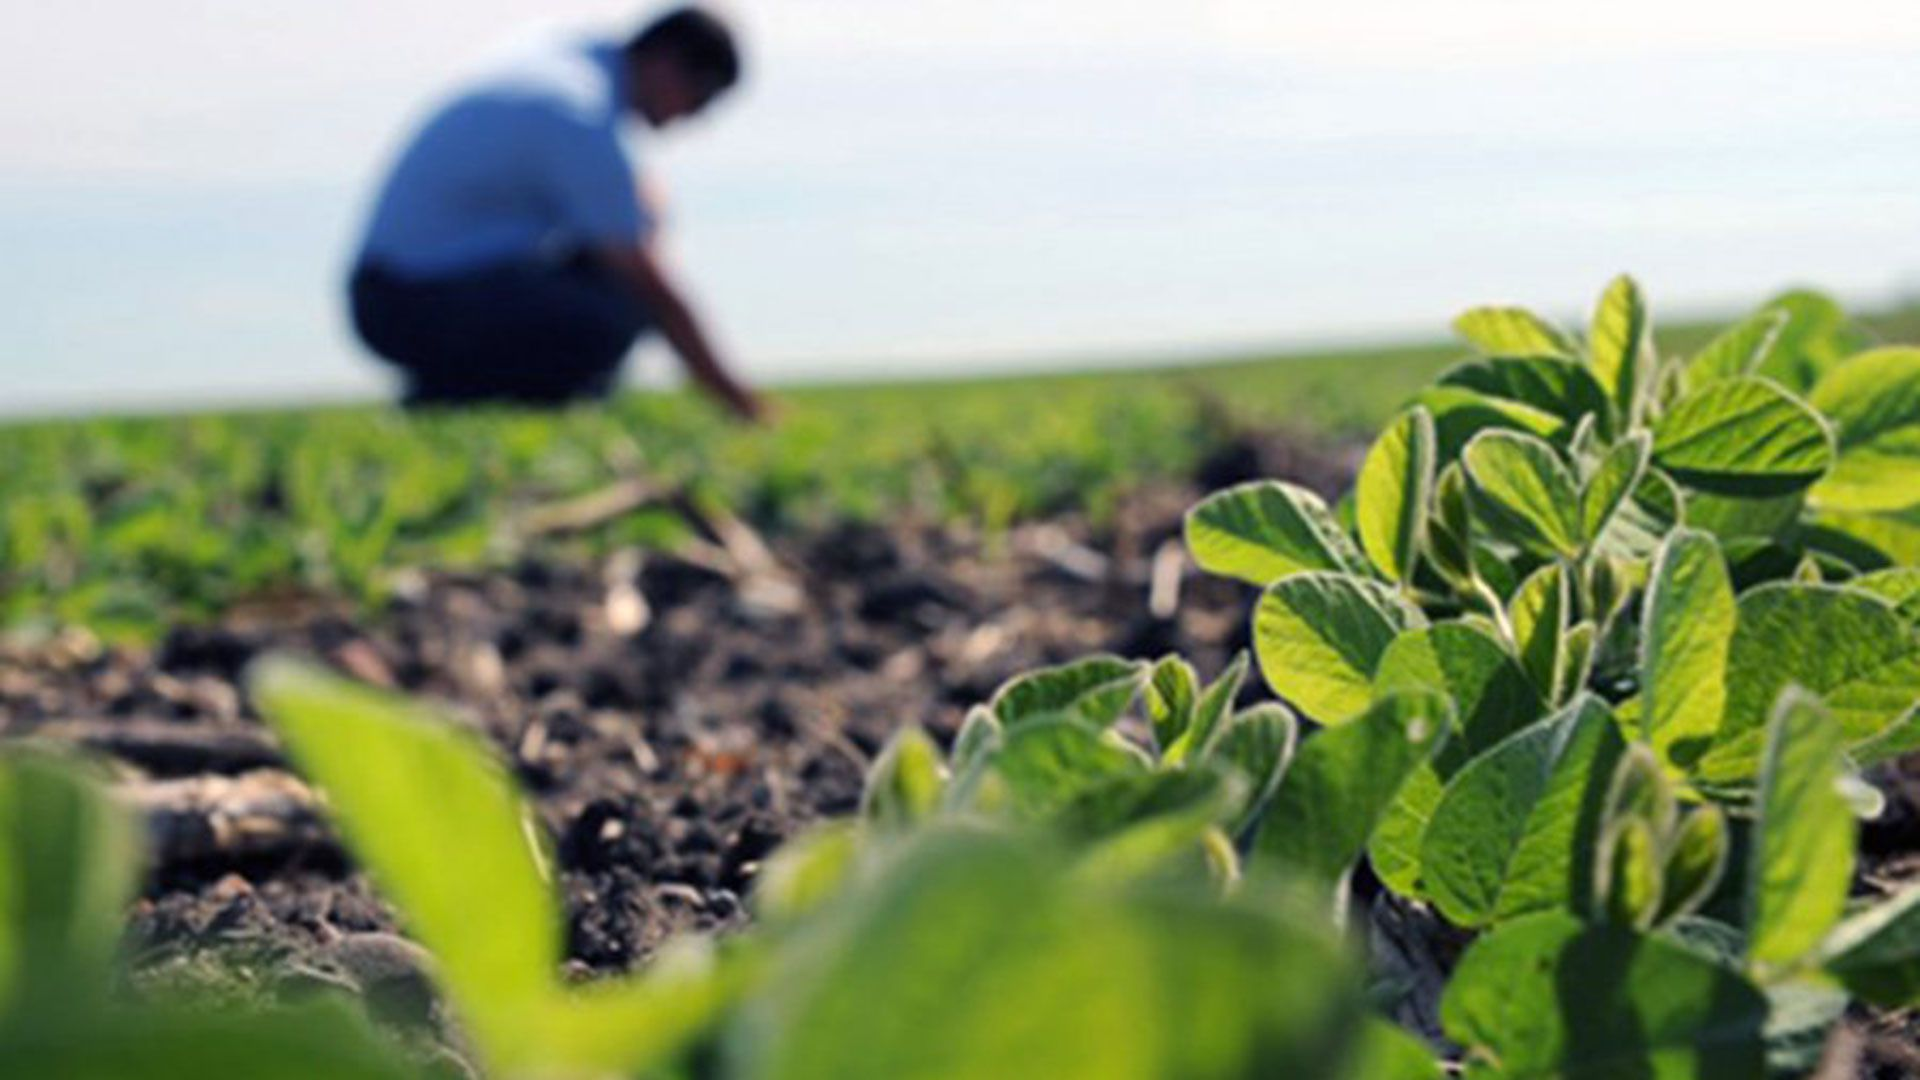 De Jujuy hasta Tierra del Fuego, profesionales de la agronomía reconocieron la preocupación social por el ambiente y la salud humana